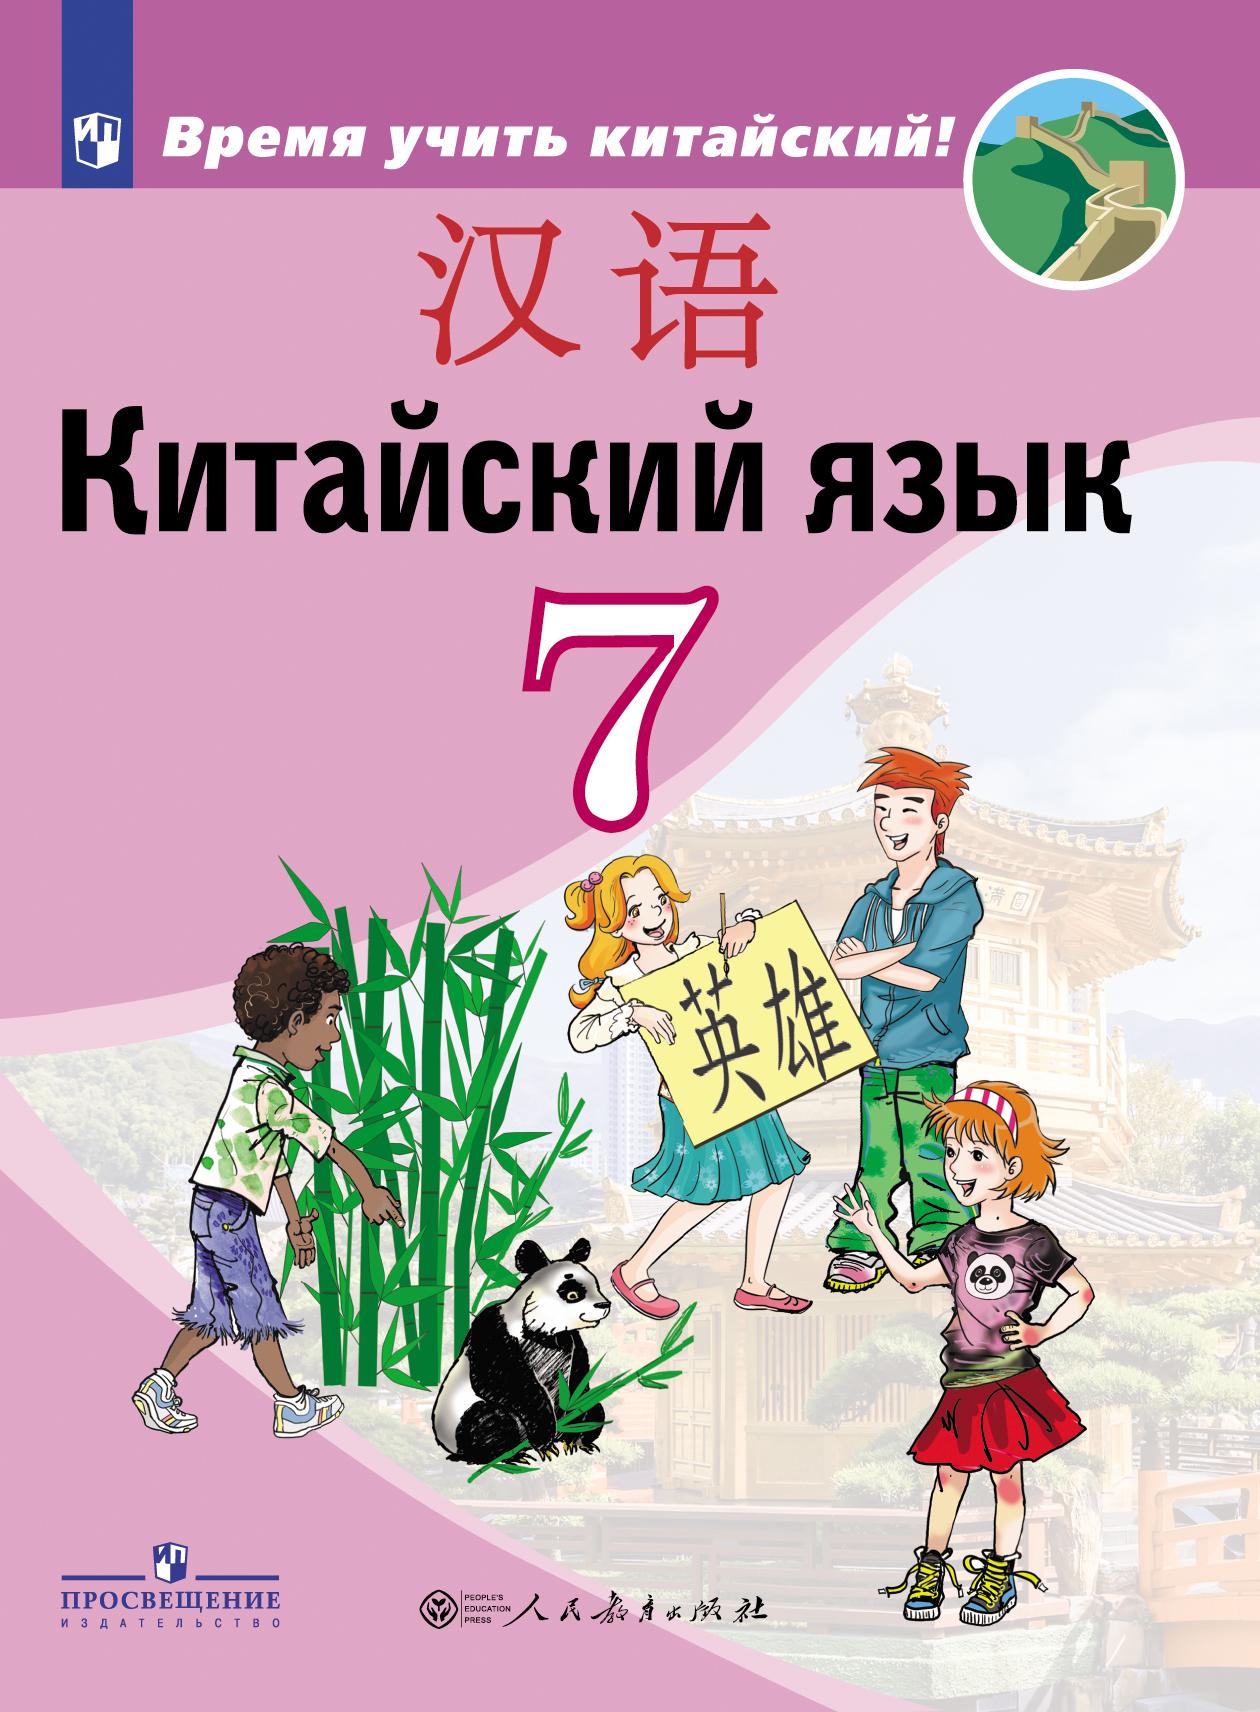 Китайский язык. Второй иностранный язык. 7 класс: учеб. пособие для общеобразоват. организаций